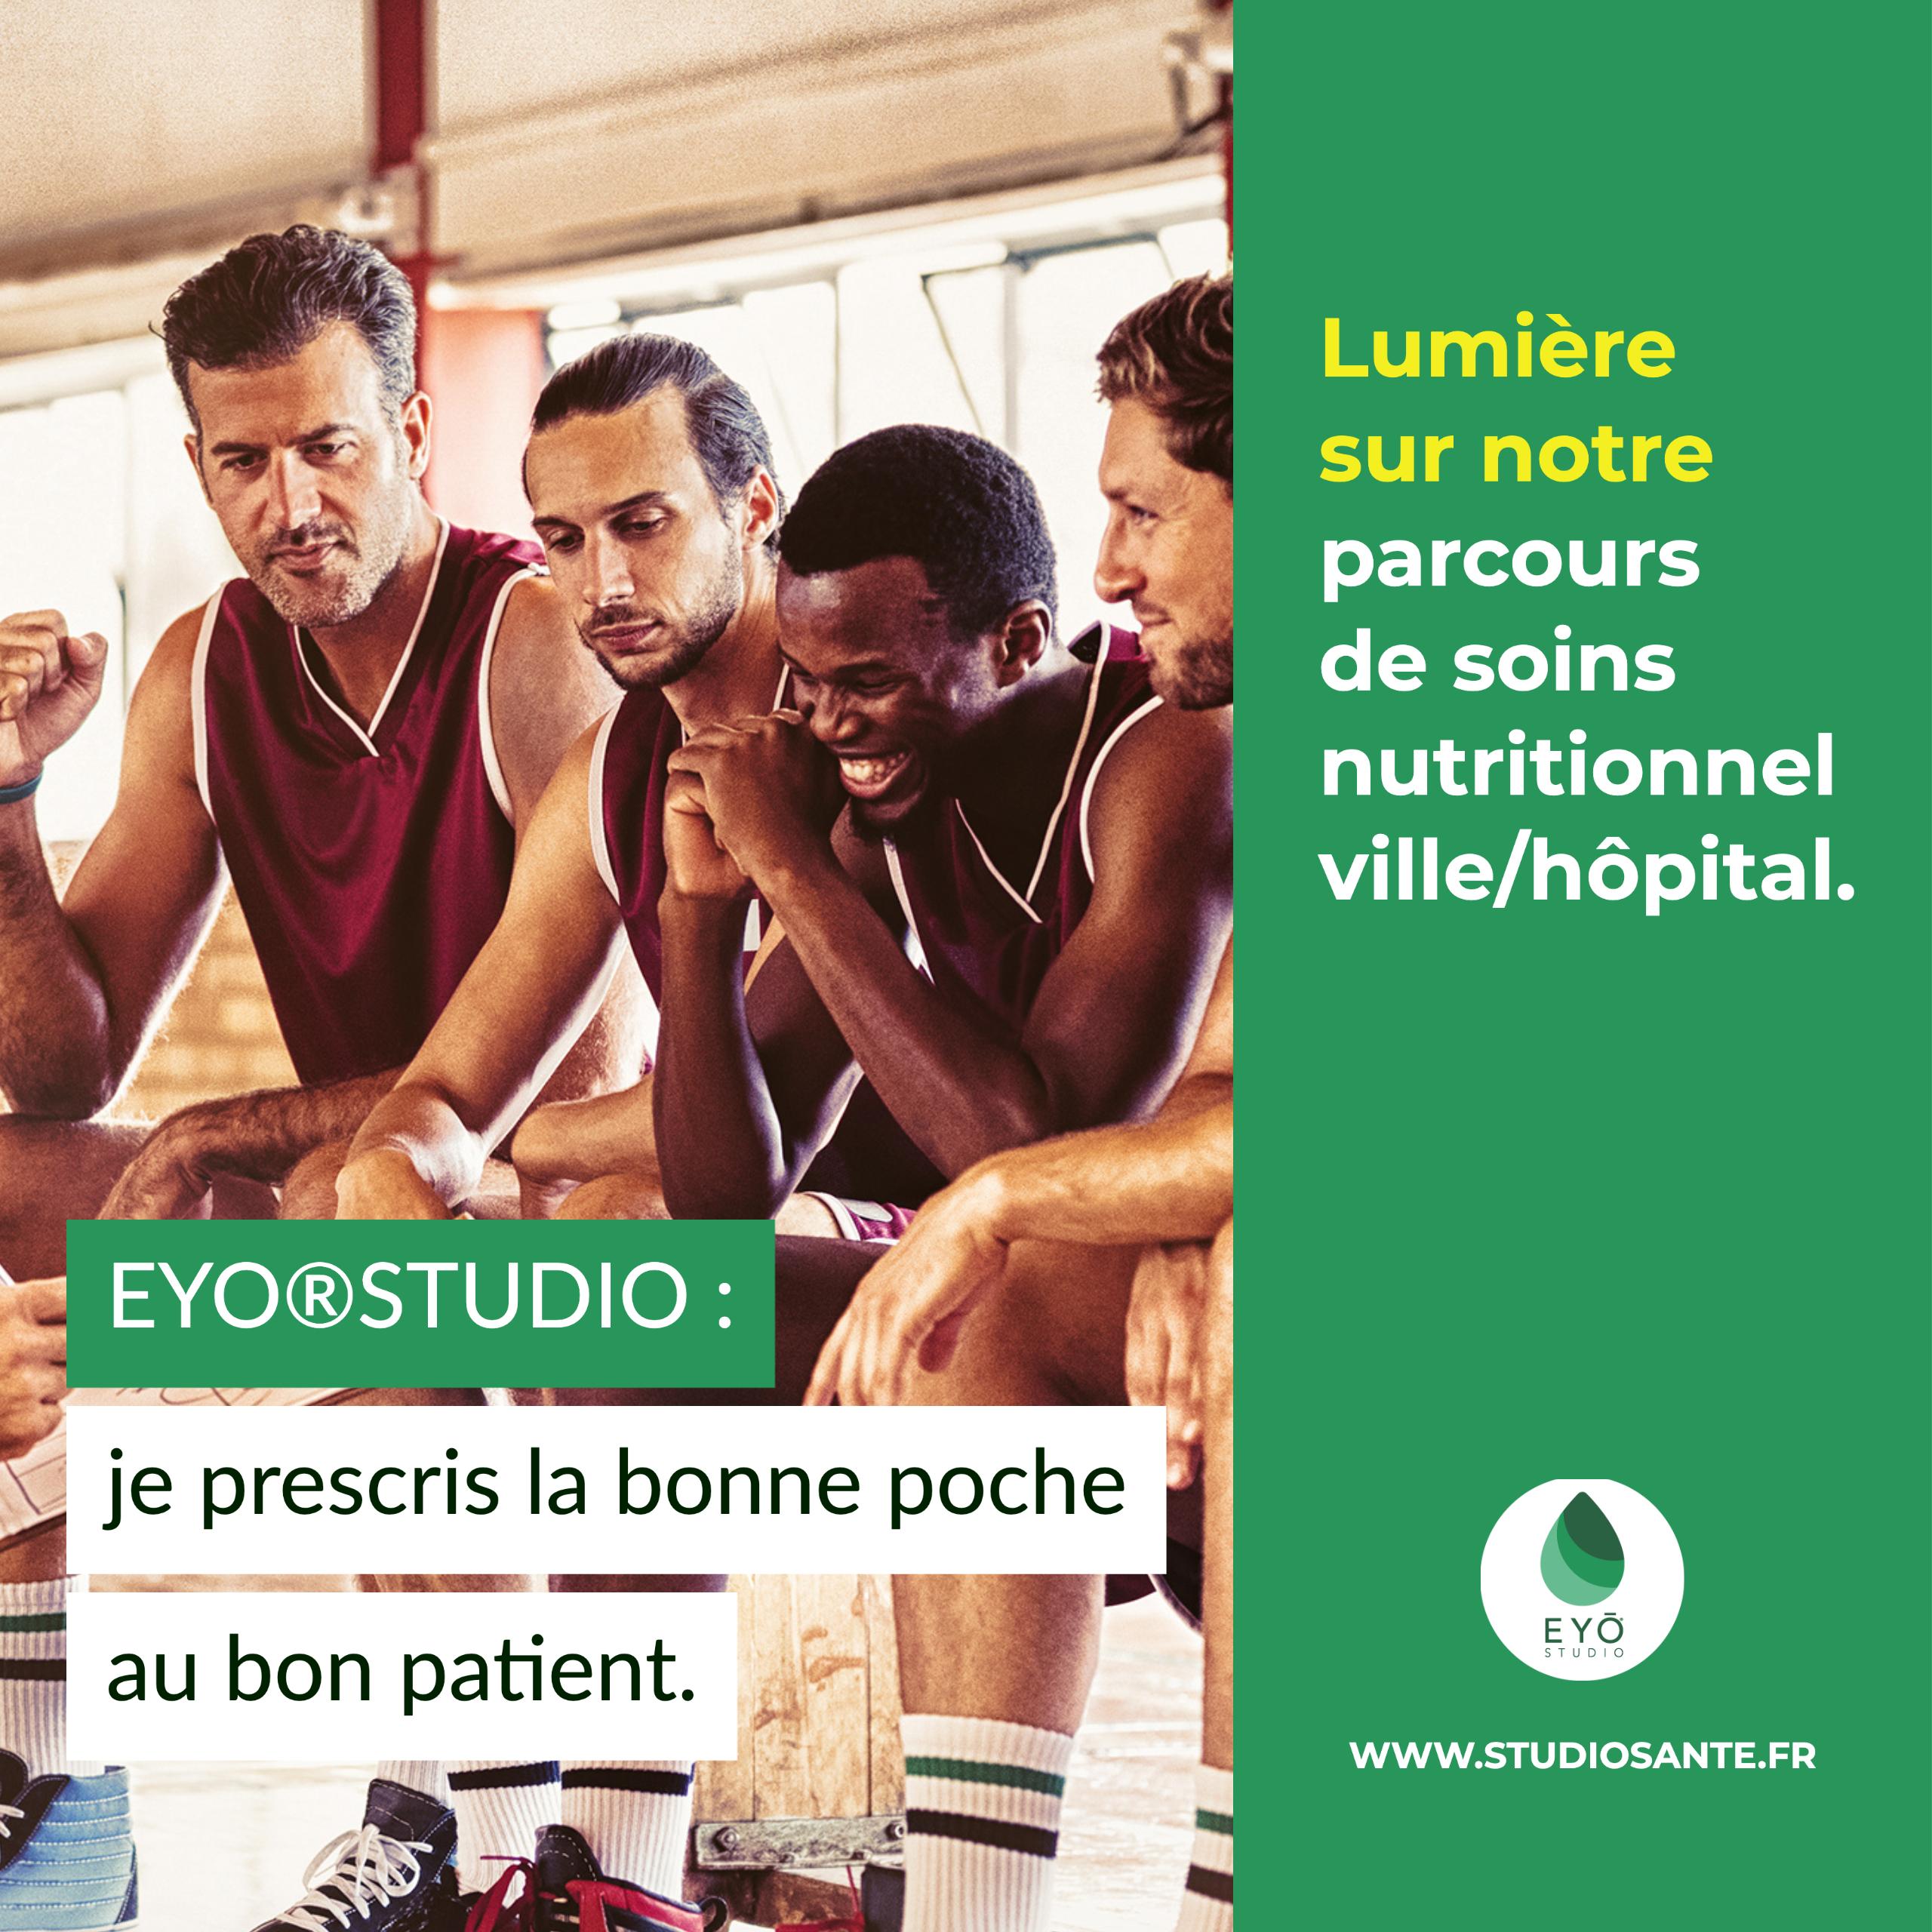 campagne facebook EYO